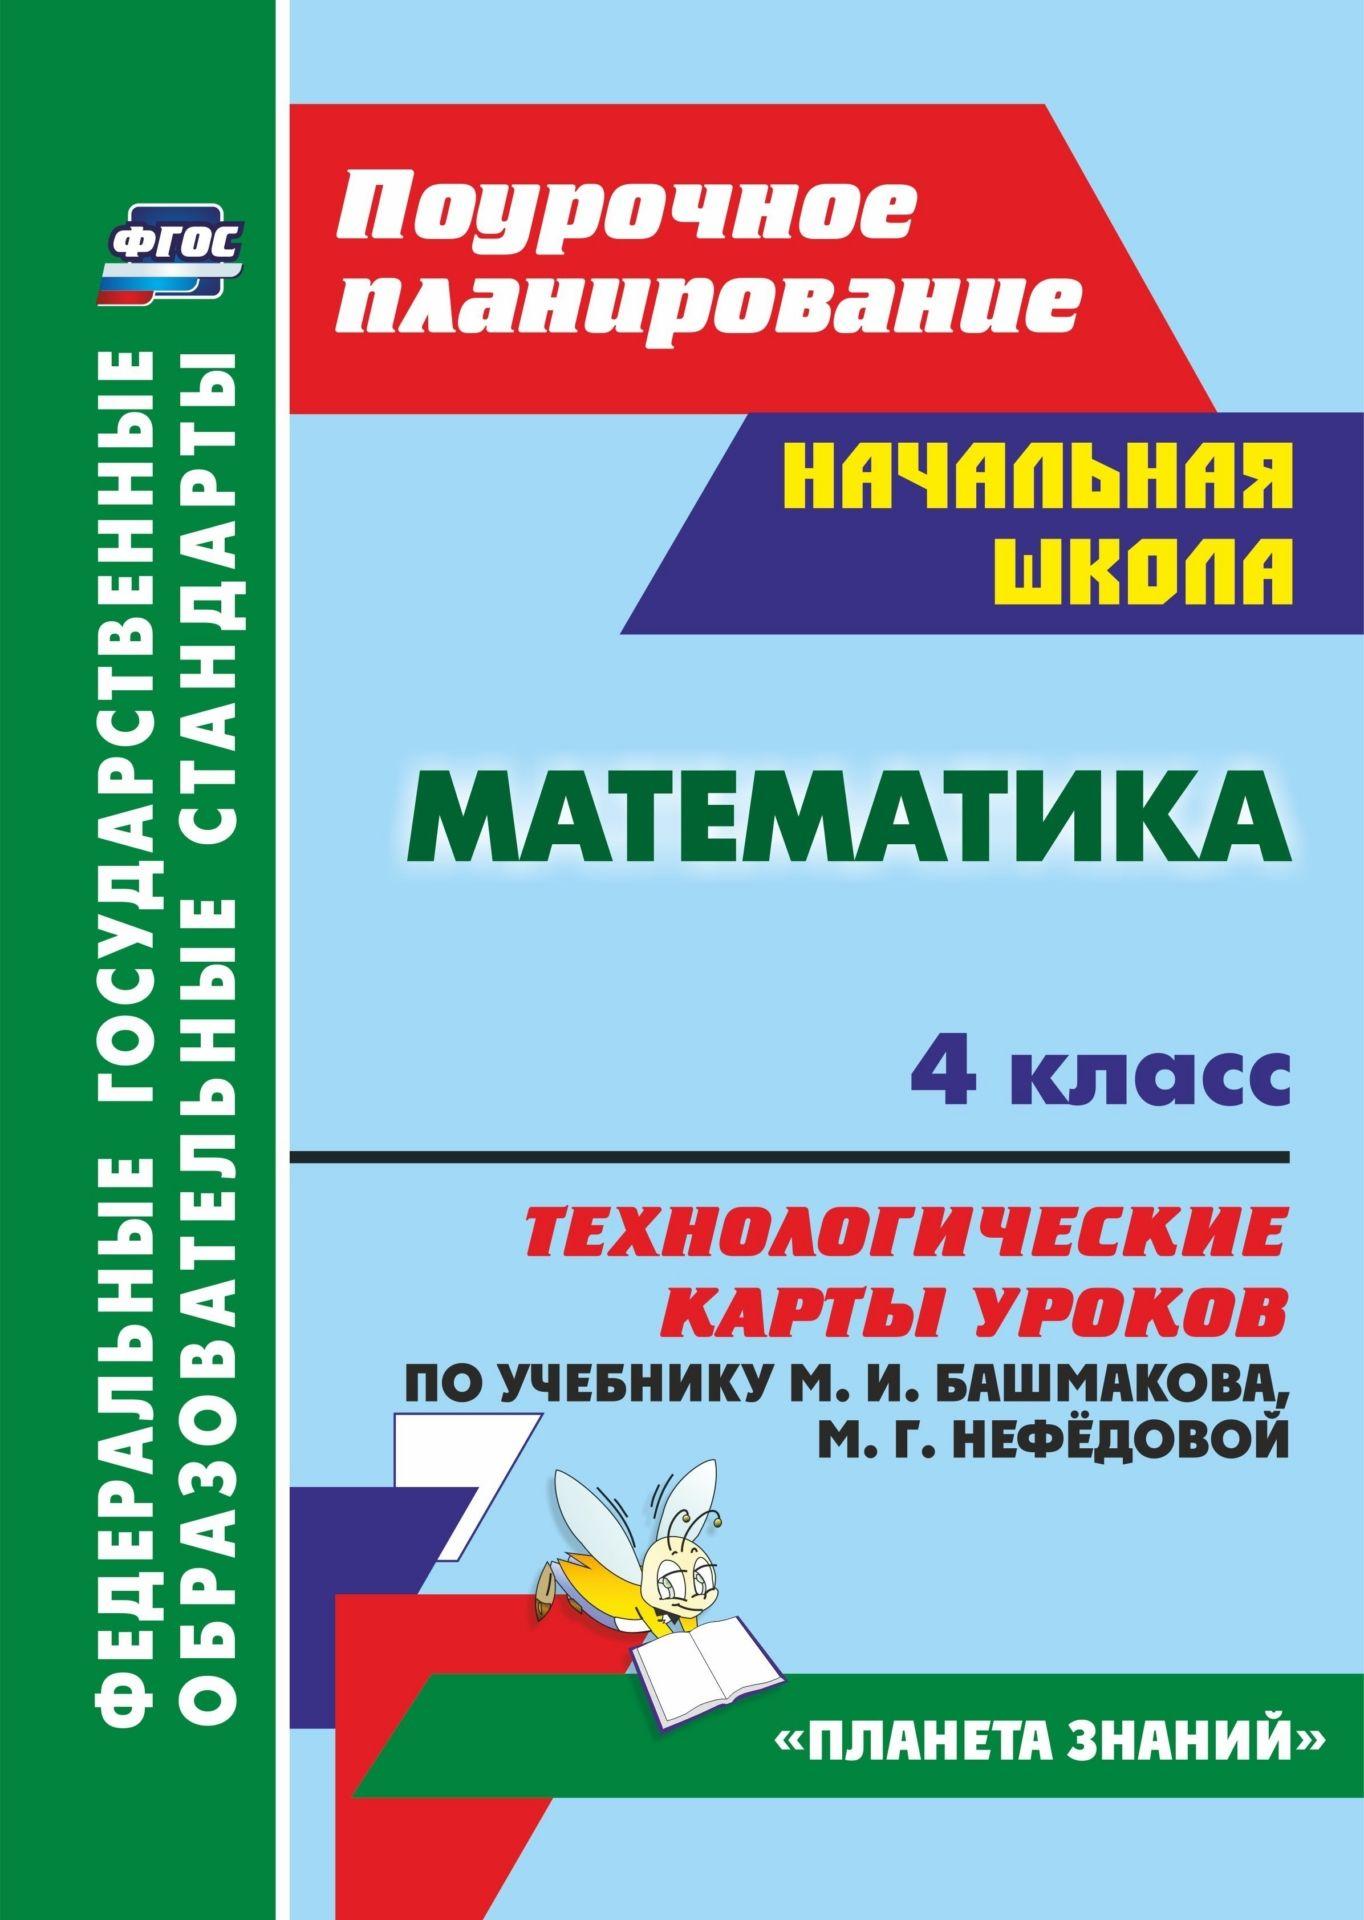 Математика. 4 класс.Технологические карты уроков по учебнику М. И. Башмакова, М. Г. Нефёдовой. Программа для установки через интернет